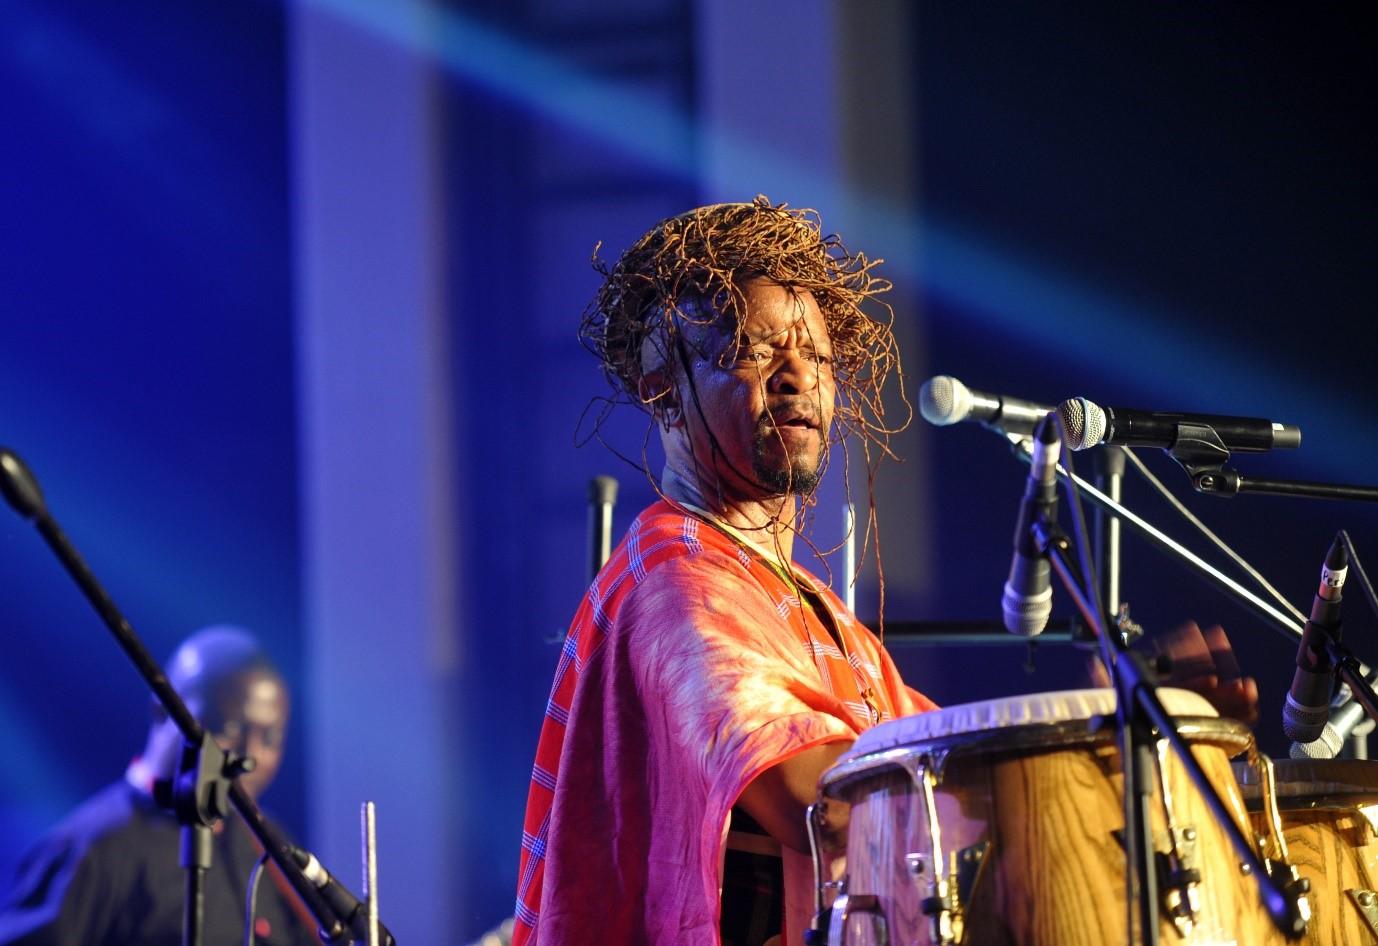 Afrophonics – Sello Galane & Tlokwe Sehume